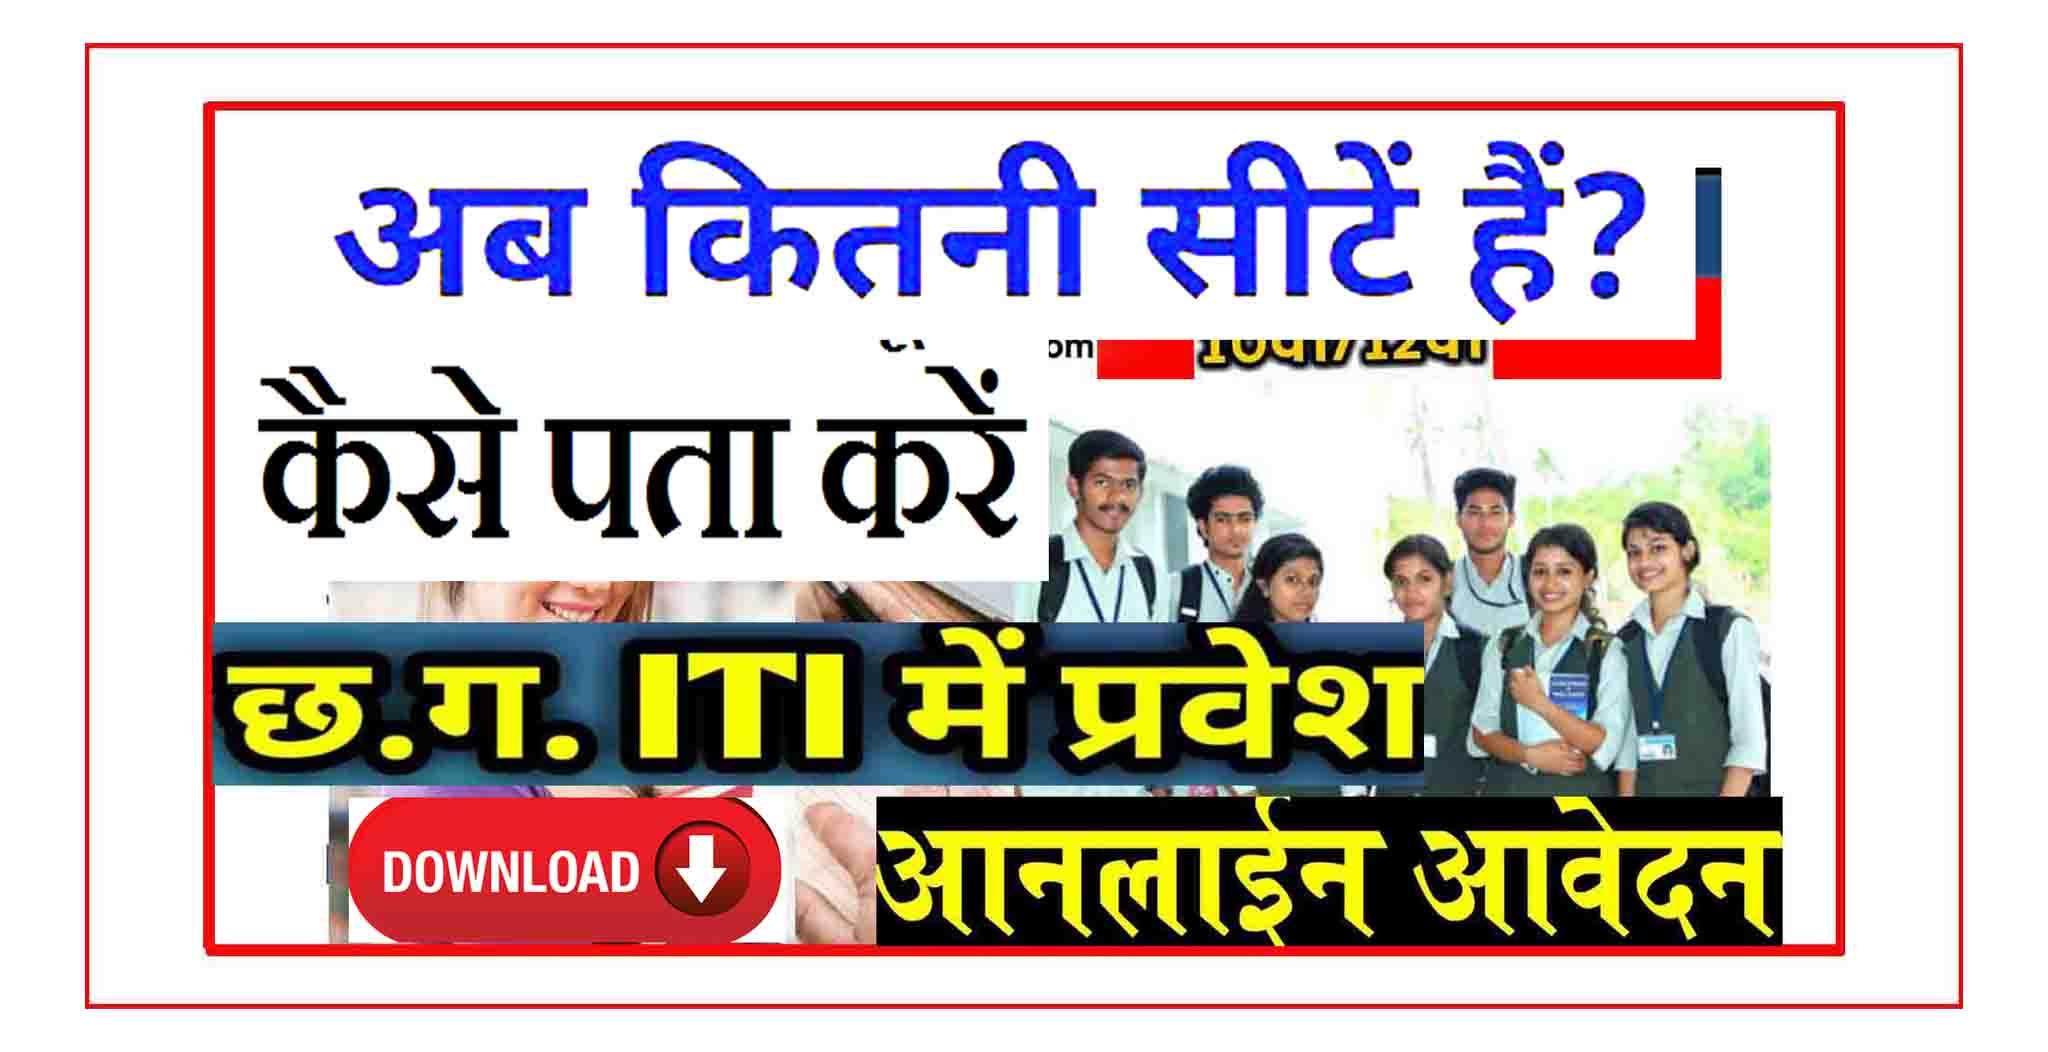 छत्तीसगढ़ आईटीआई 2020 Chhattisgarh CG ITI में खाली सीटों की संख्या कैसे पता करें ?